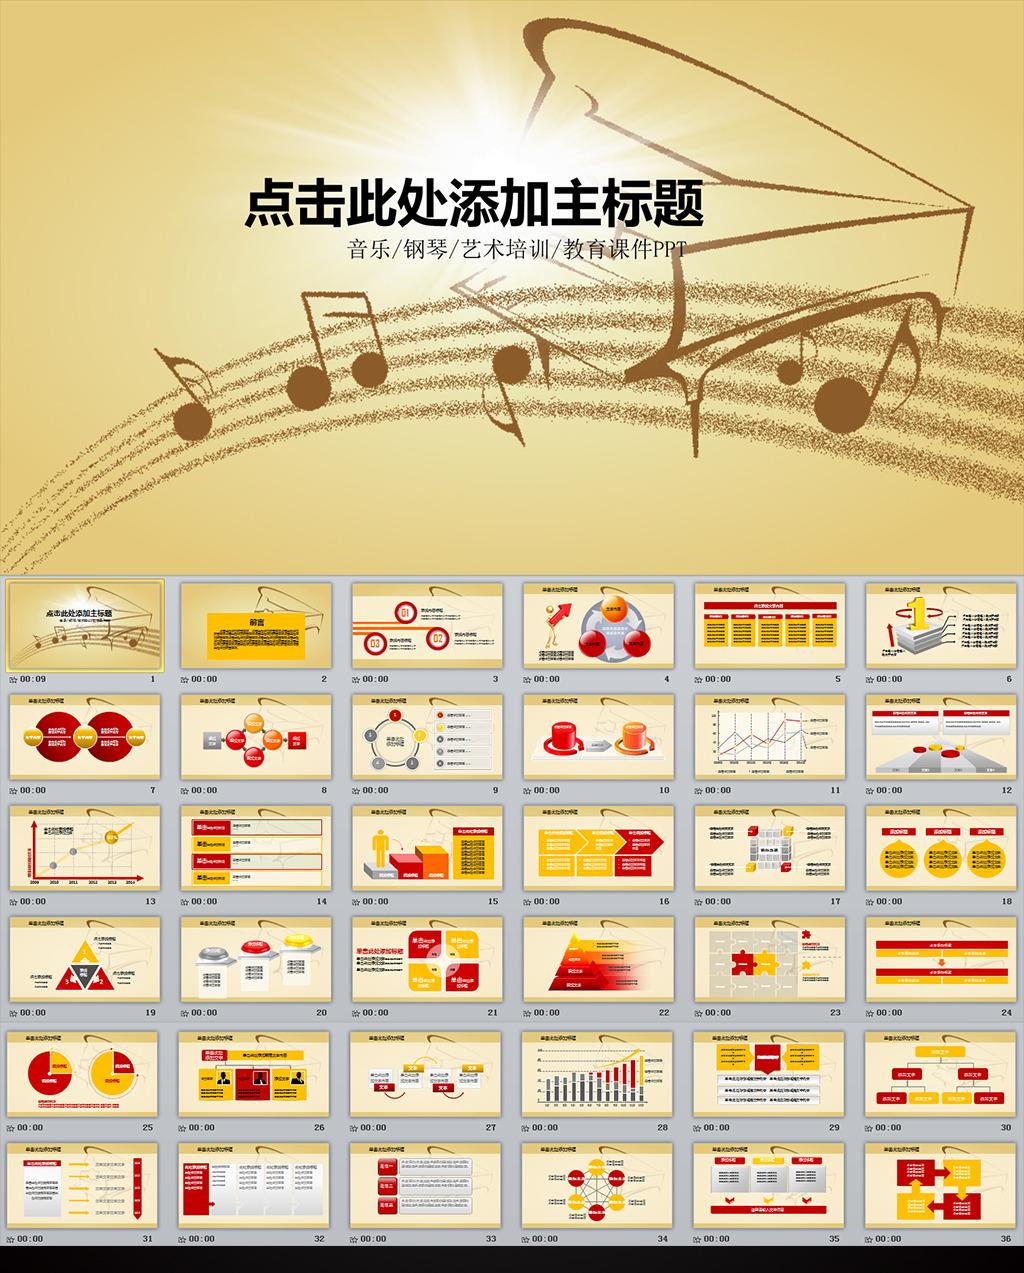 音乐钢琴演奏教学培训课件动态ppt模板